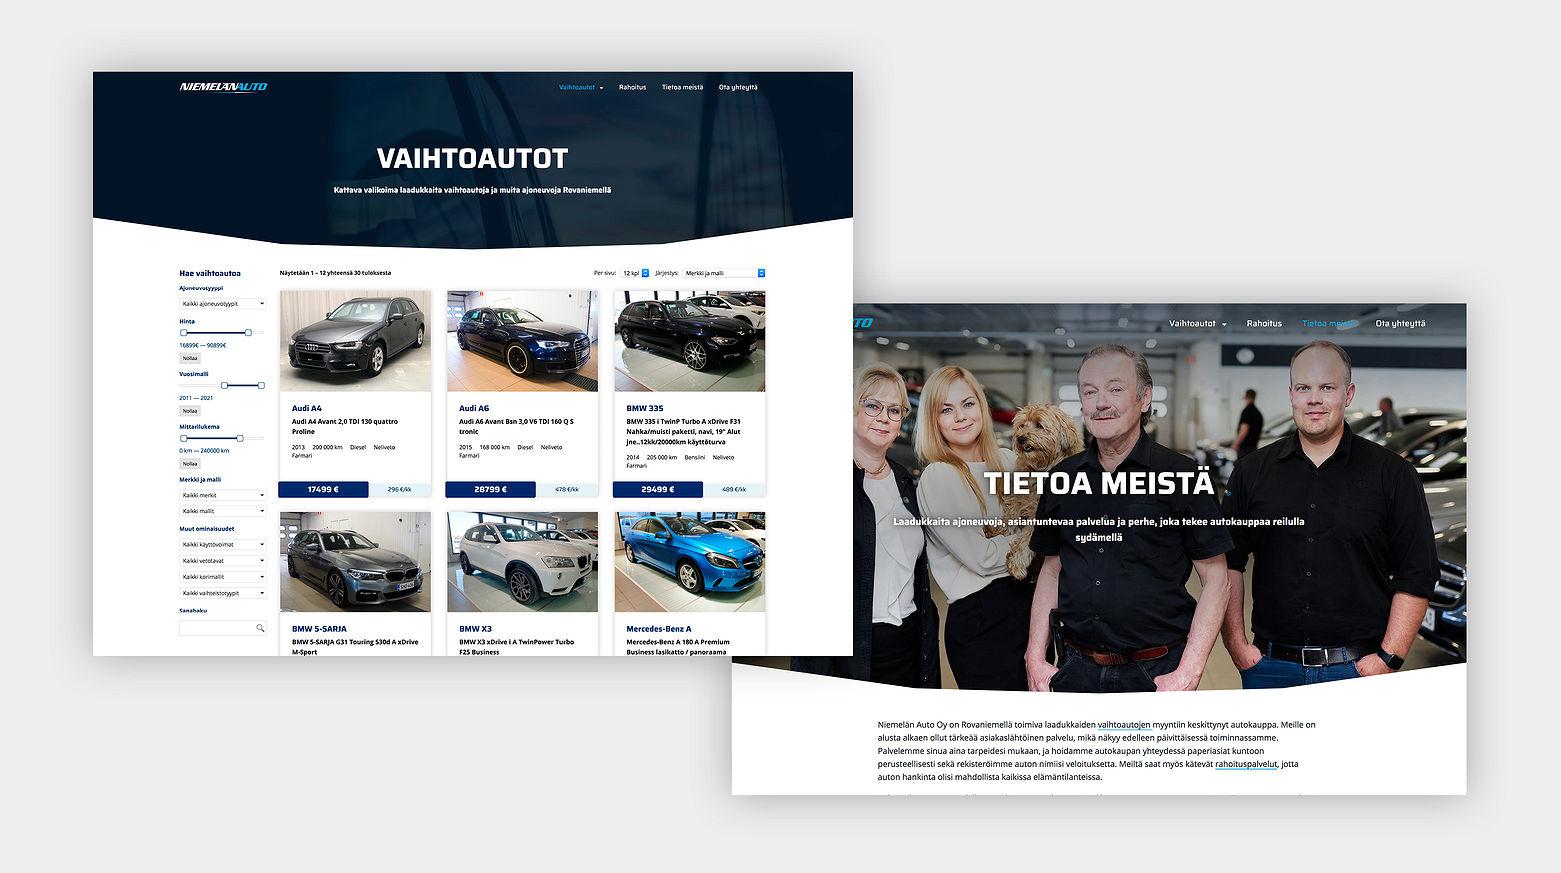 Nettisivuston Vaihtoautot- ja Tietoa meistä -sivut